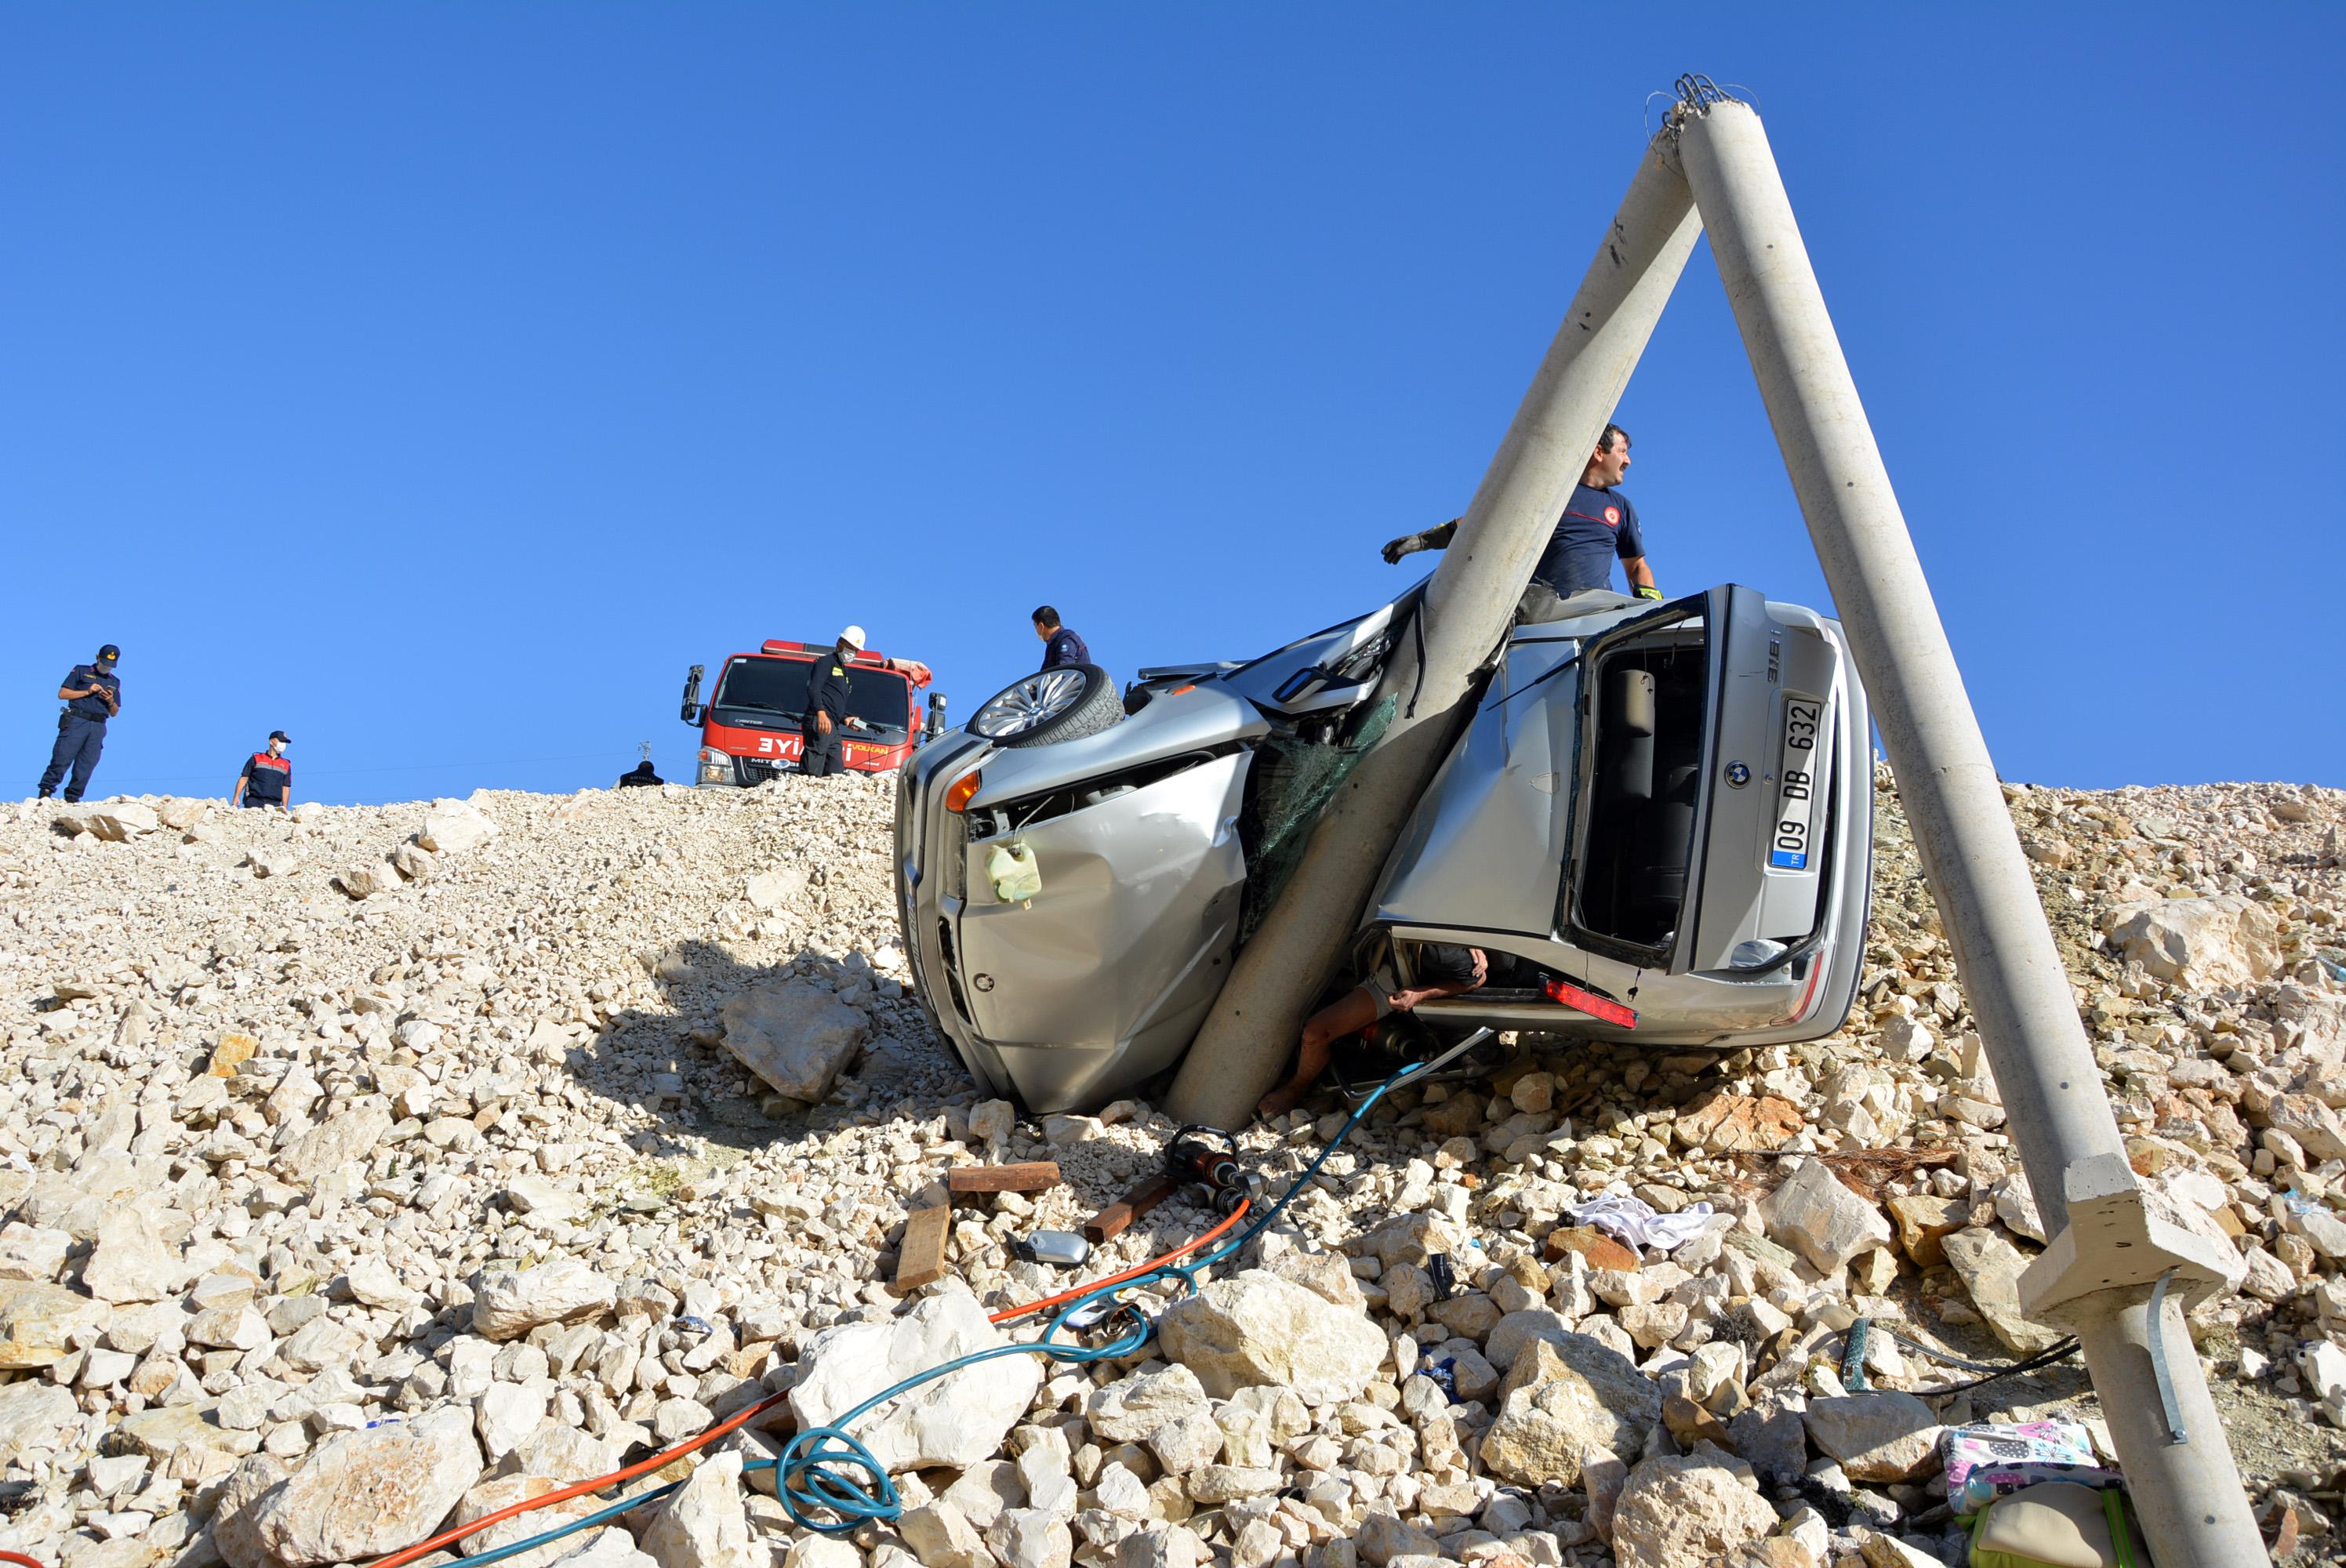 beton-direge-carpan-otomobildeki-kadin-oldu-oglu-ve-esi-yaralandi-8984-dhaphoto4.jpg